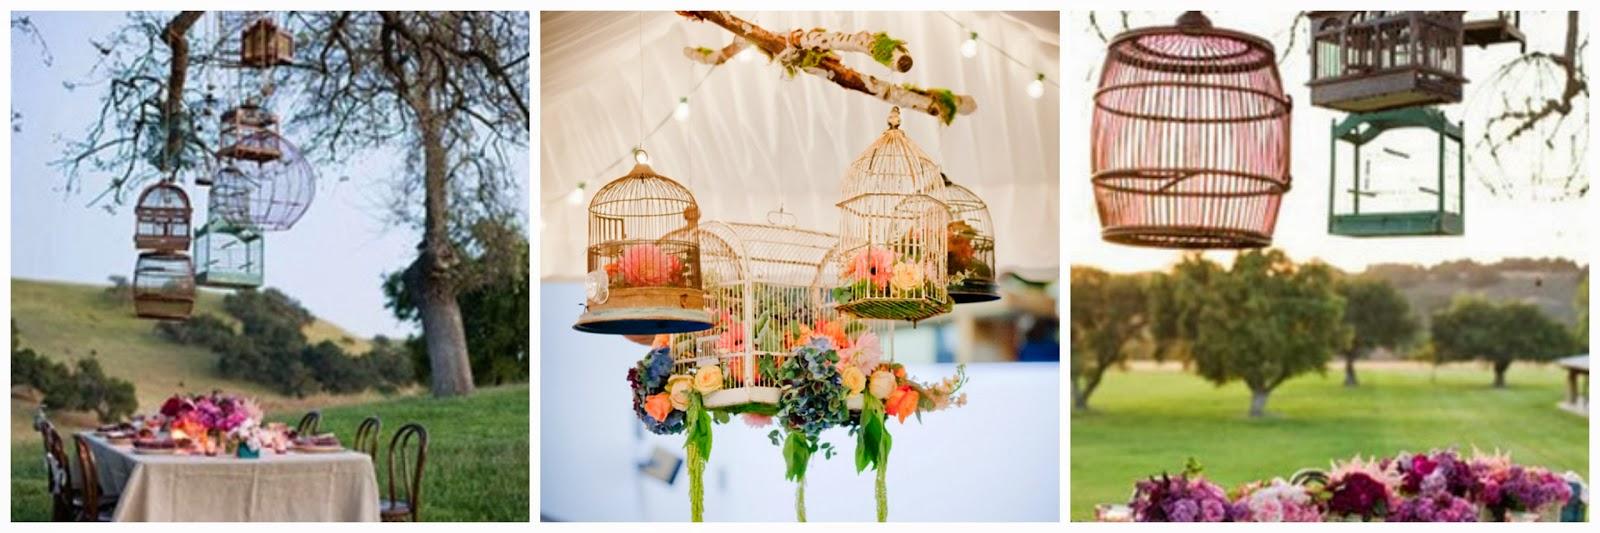 Almudena 39 s dream wedding ideas decorando el jard n para for Banderas decorativas para el jardin